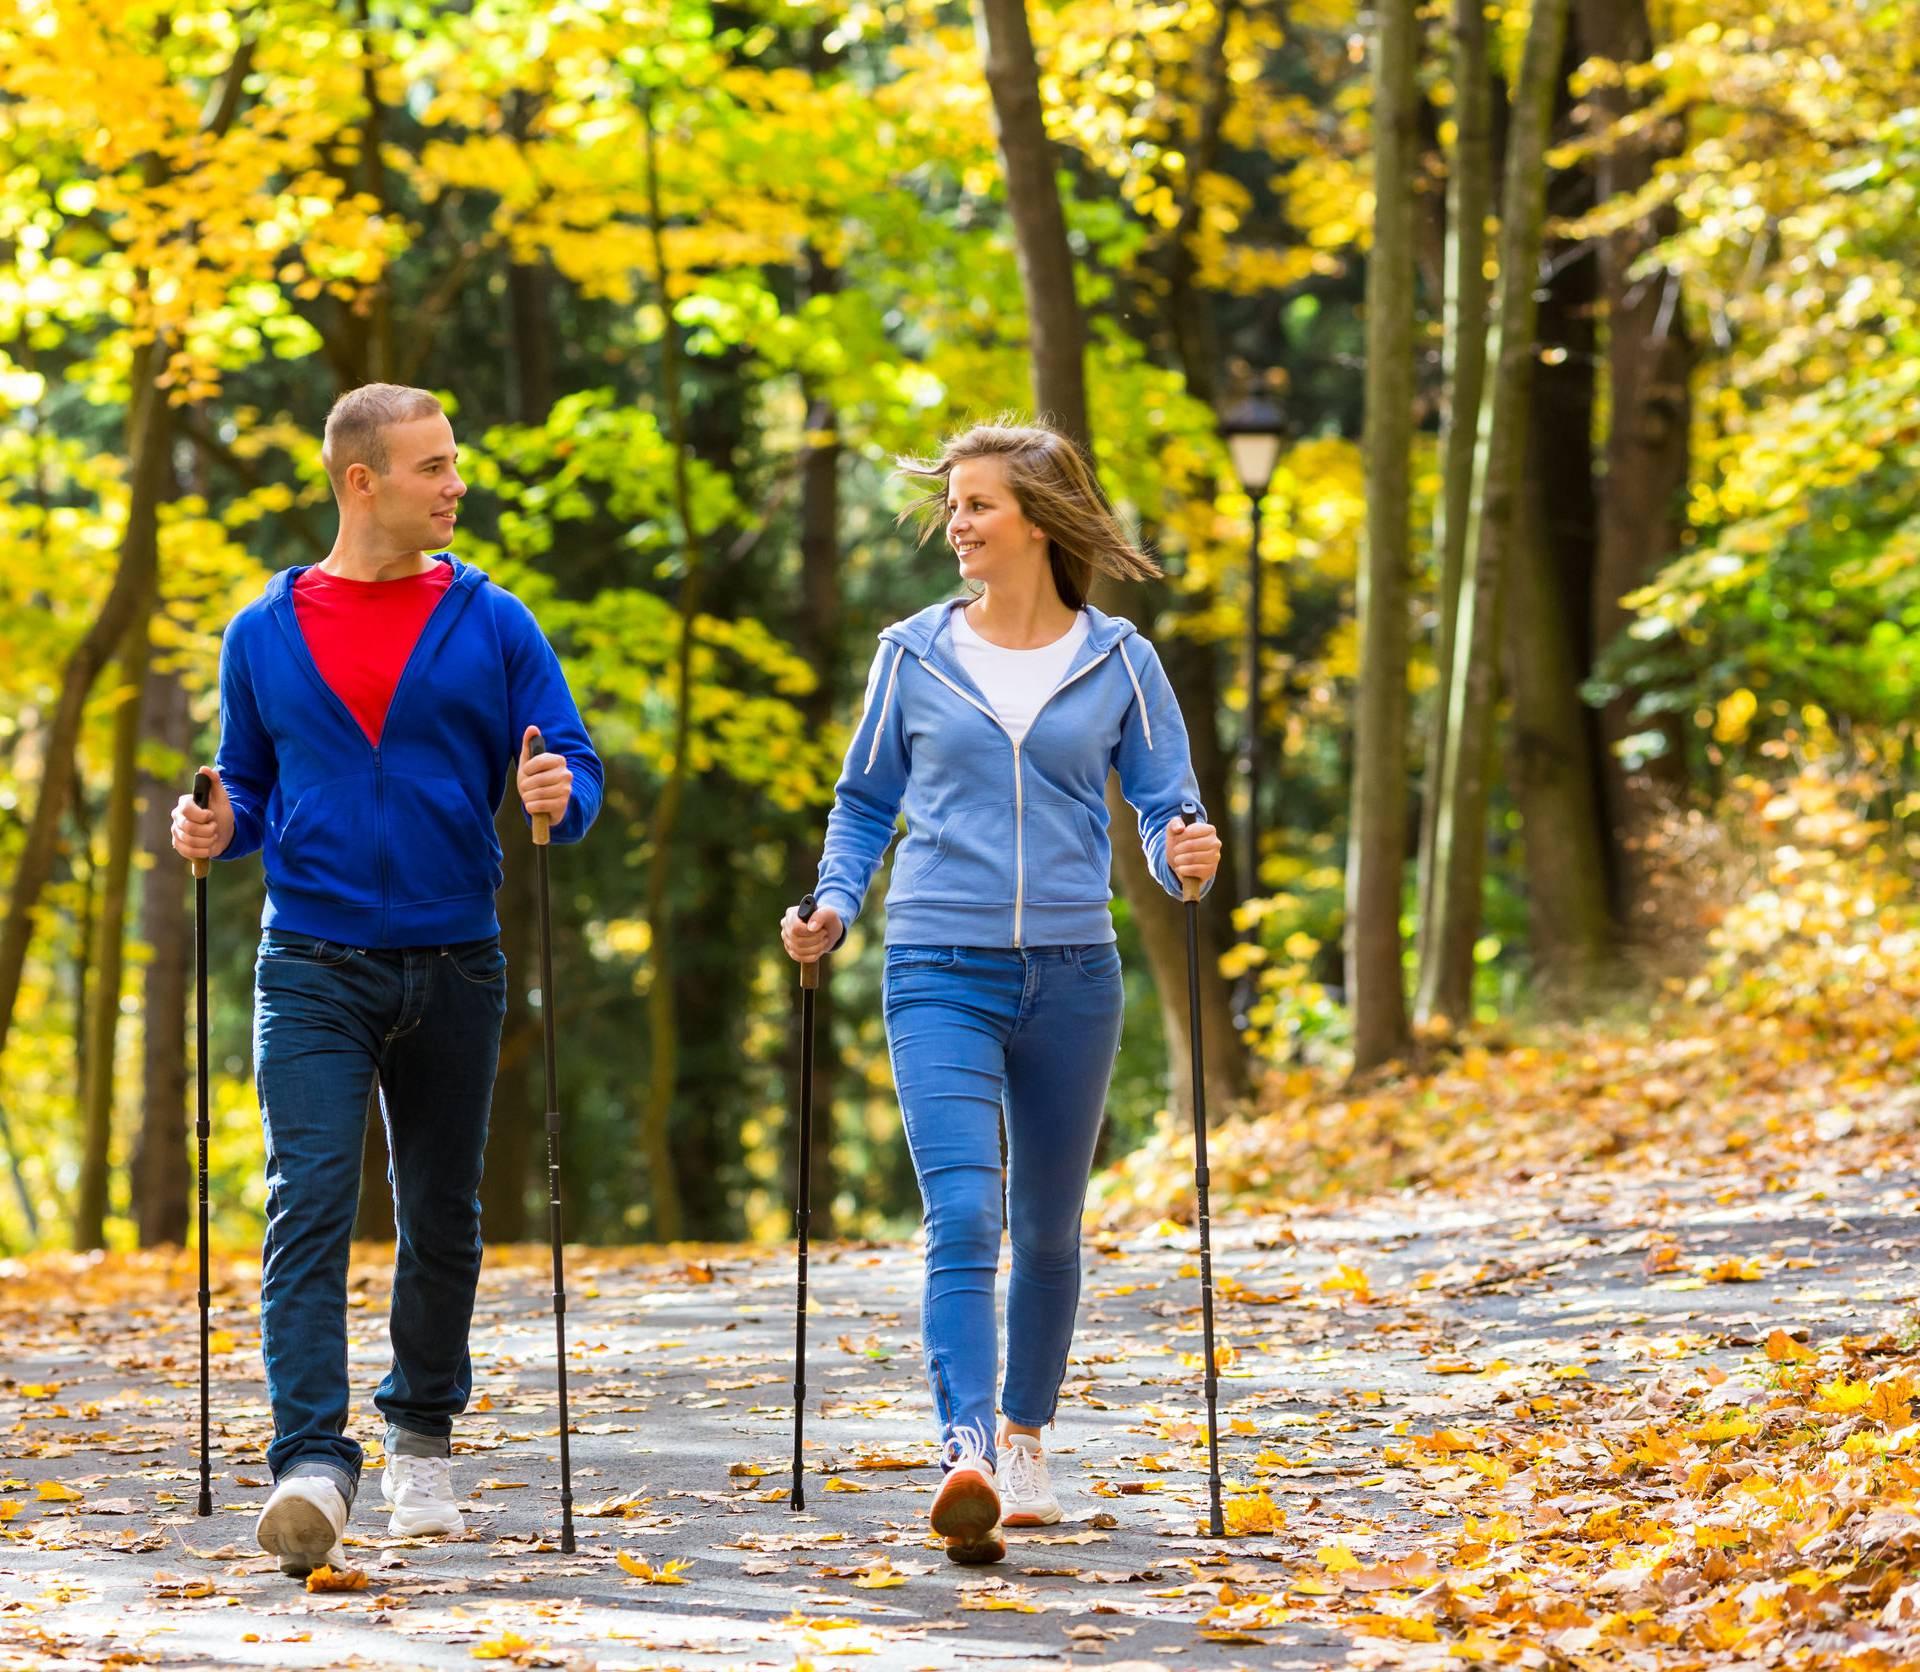 Hodanjem do vitke linije: Plan u nekoliko koraka koji je dosta lako slijediti, a ključna je volja